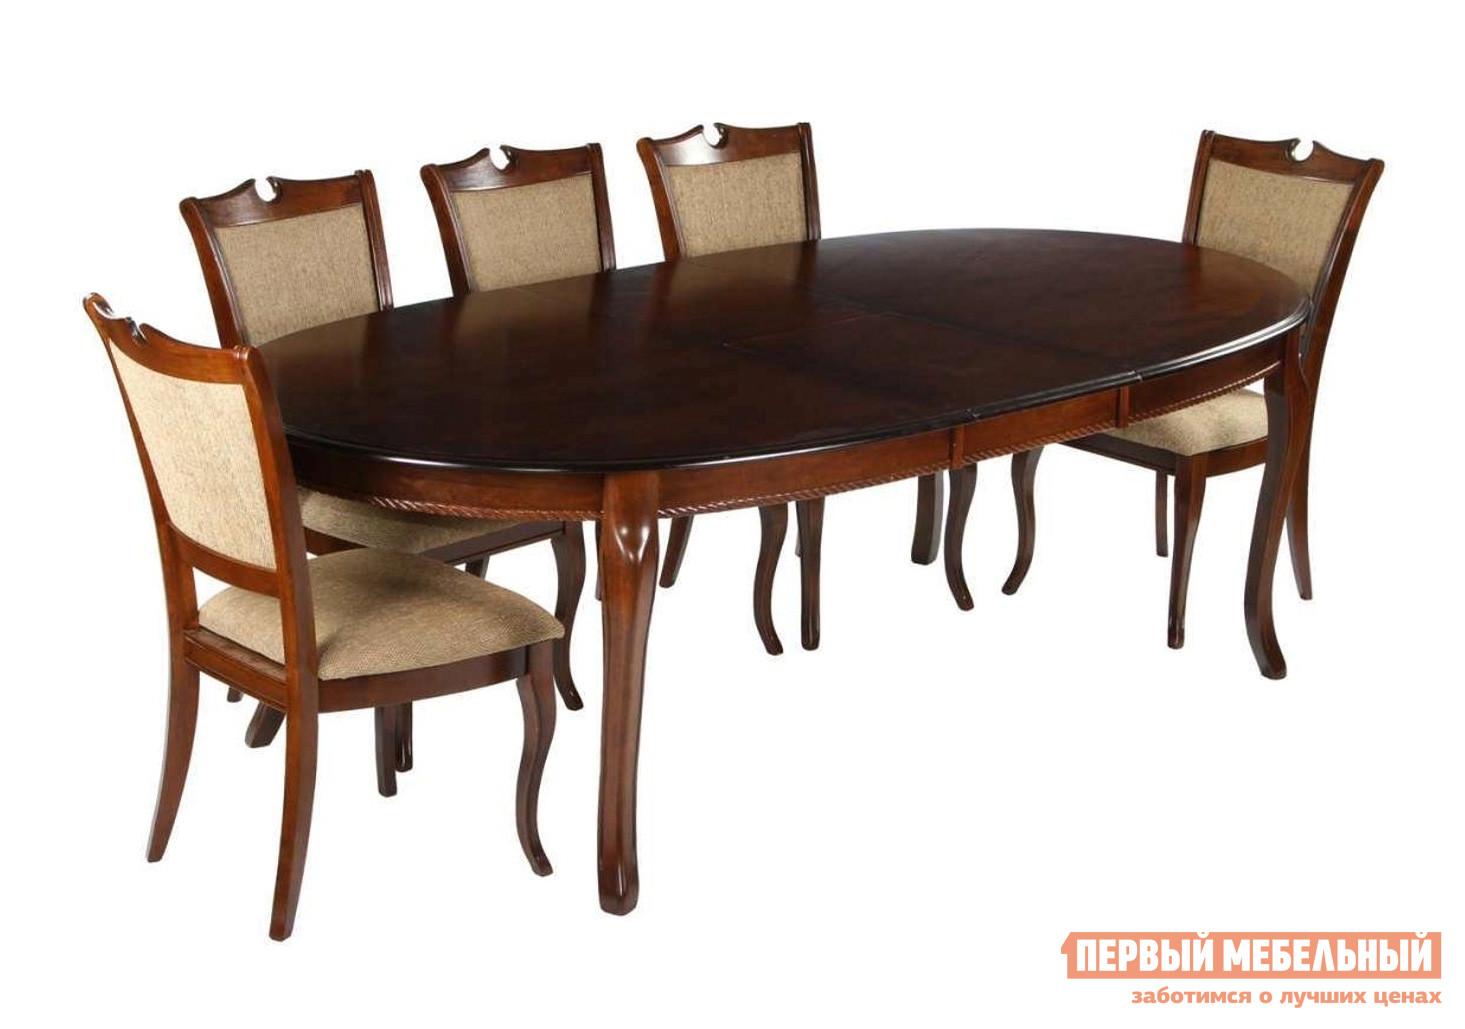 Обеденный стол МИК Мебель MK-1217 Темный орех